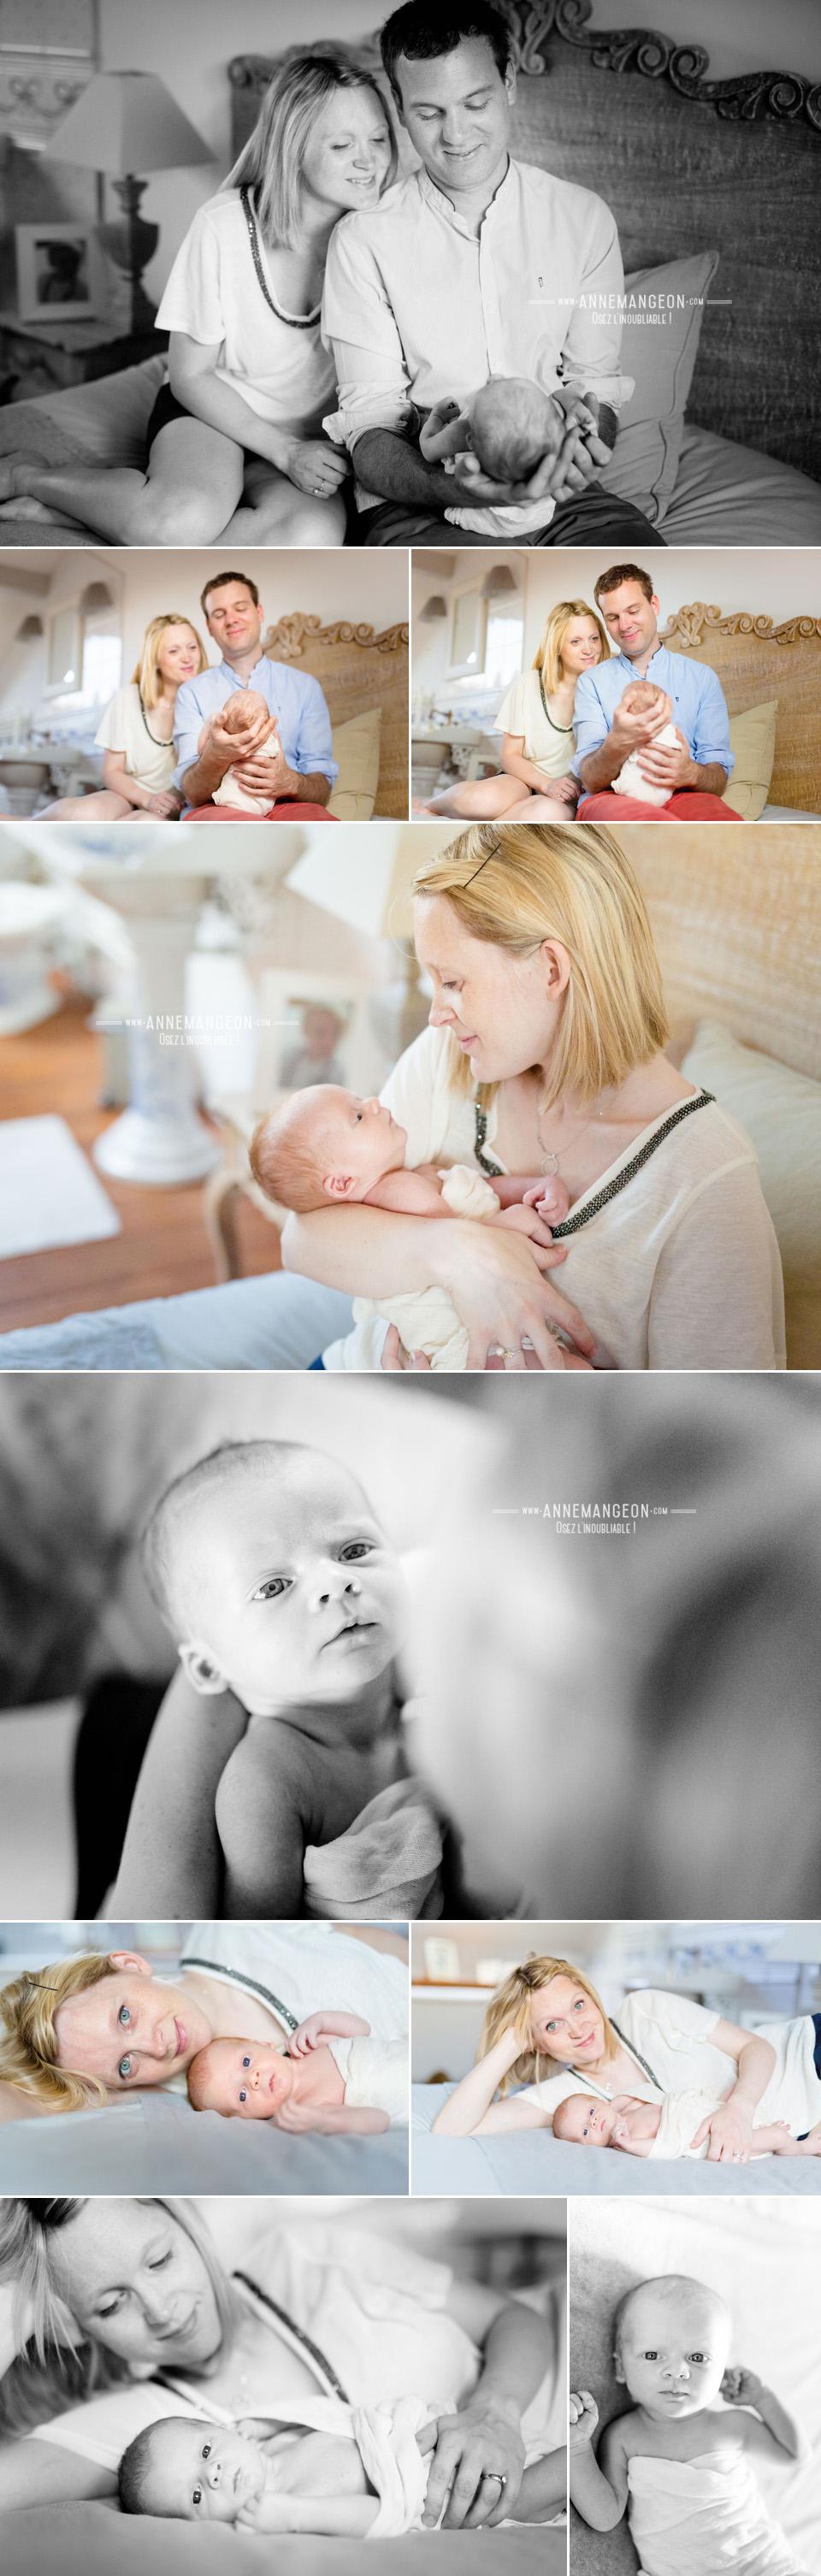 Séance photo bébé famille à Metz @ Anne Mangeon Photographe_03